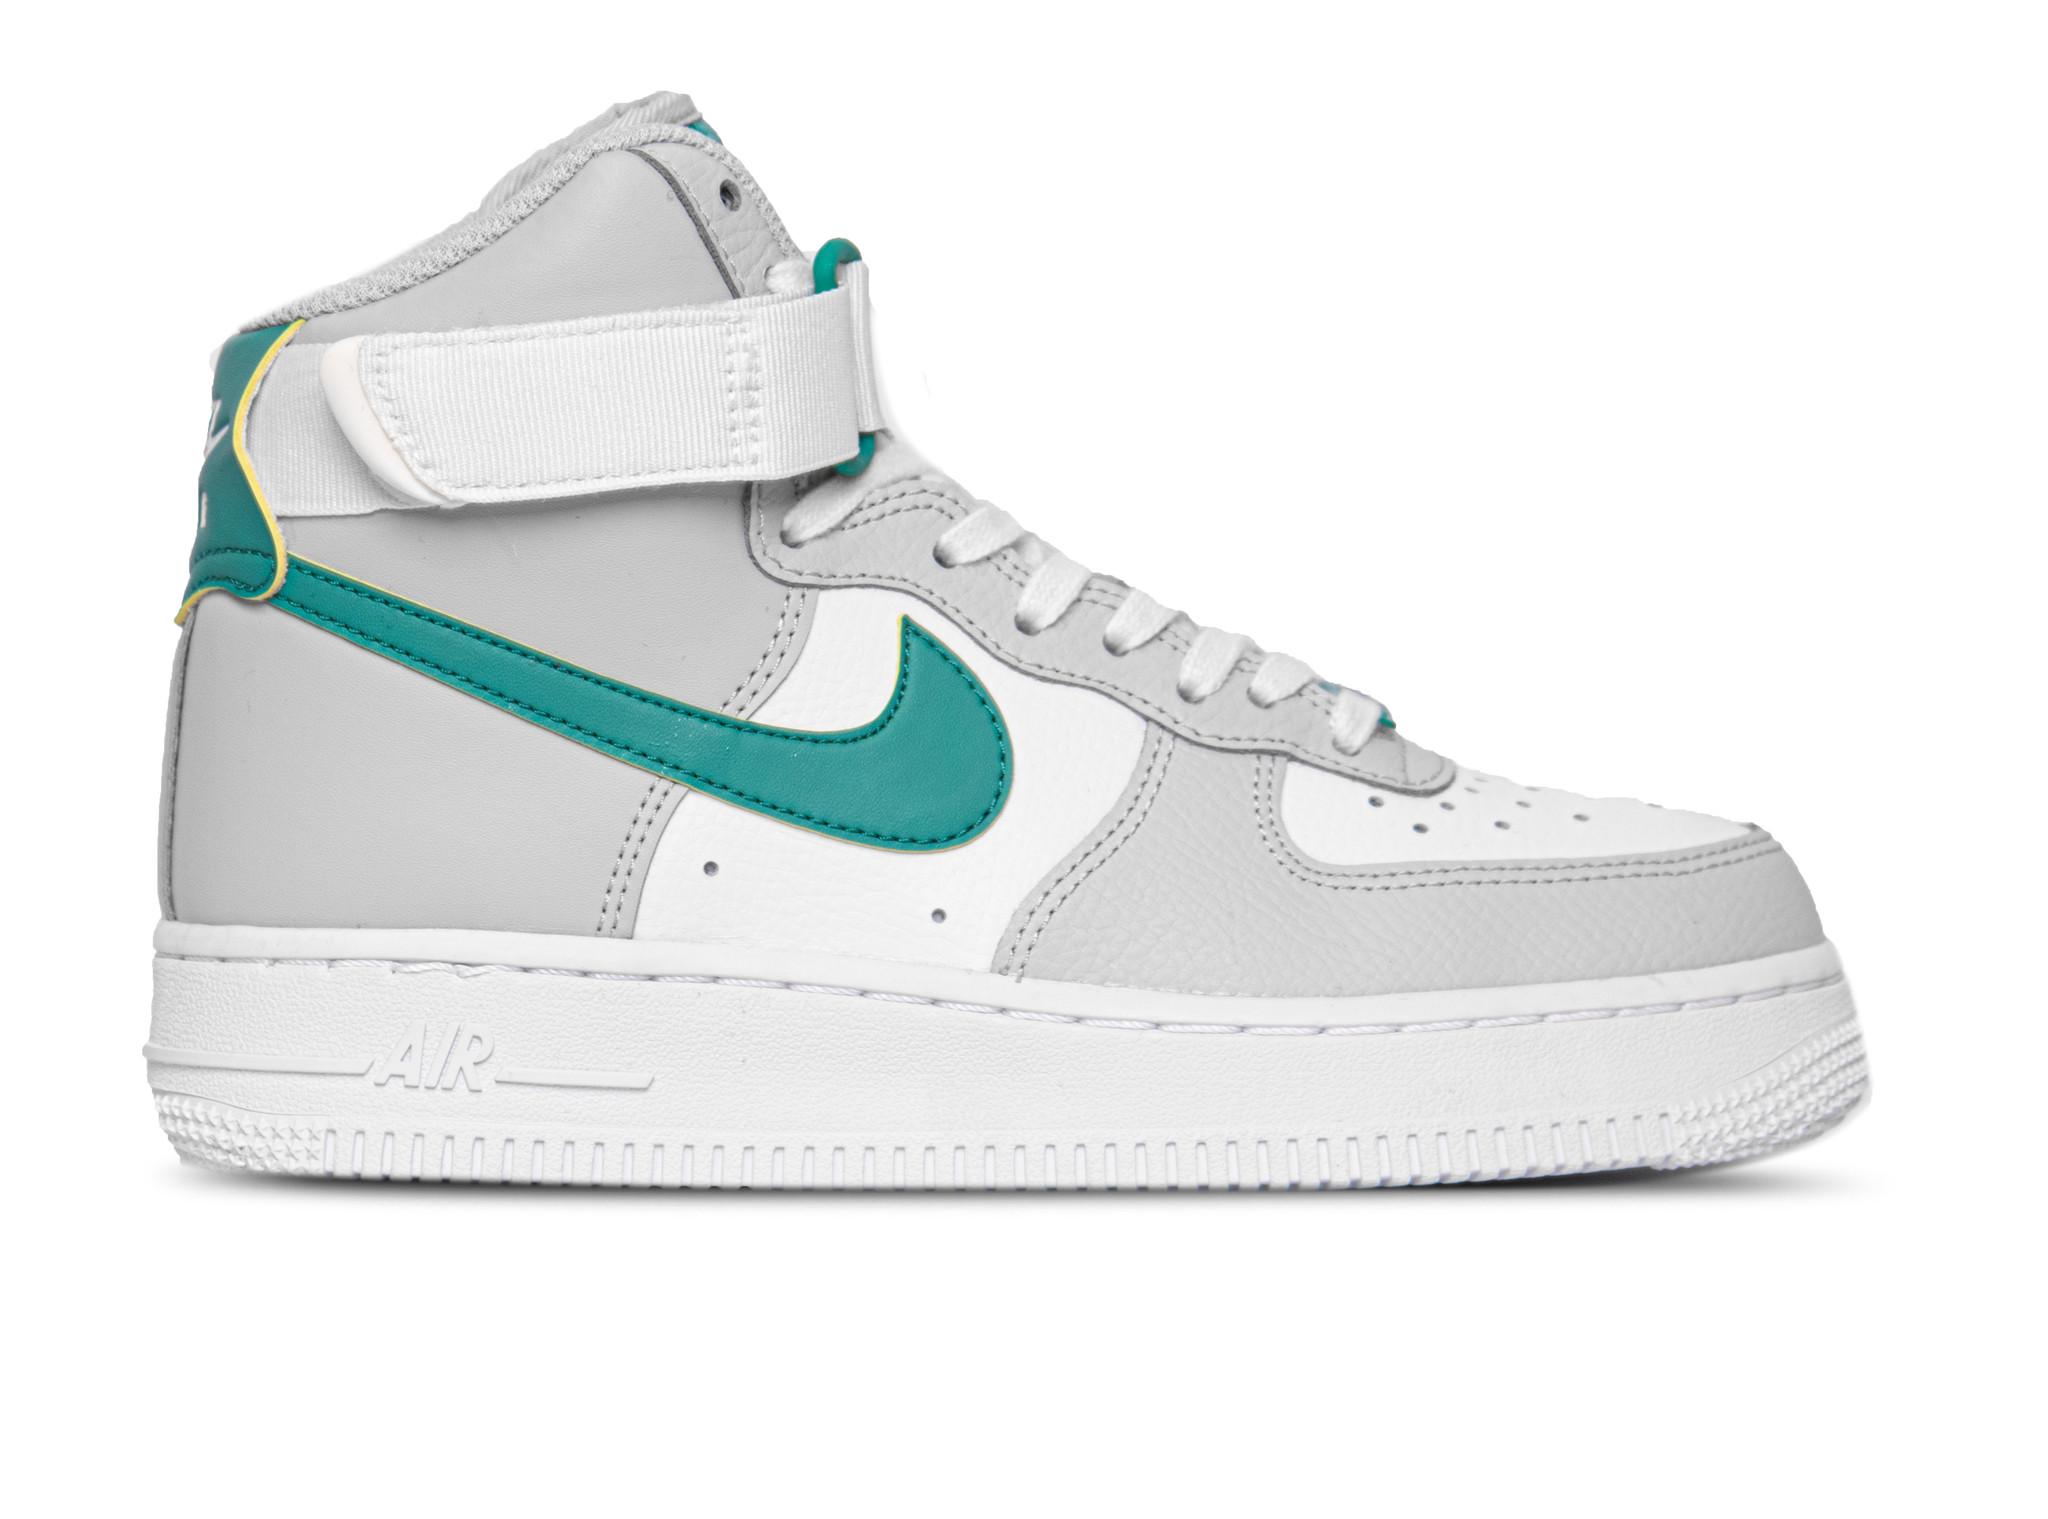 Nike Air Force 1 High Grey Fog Neptune Green 334031 015